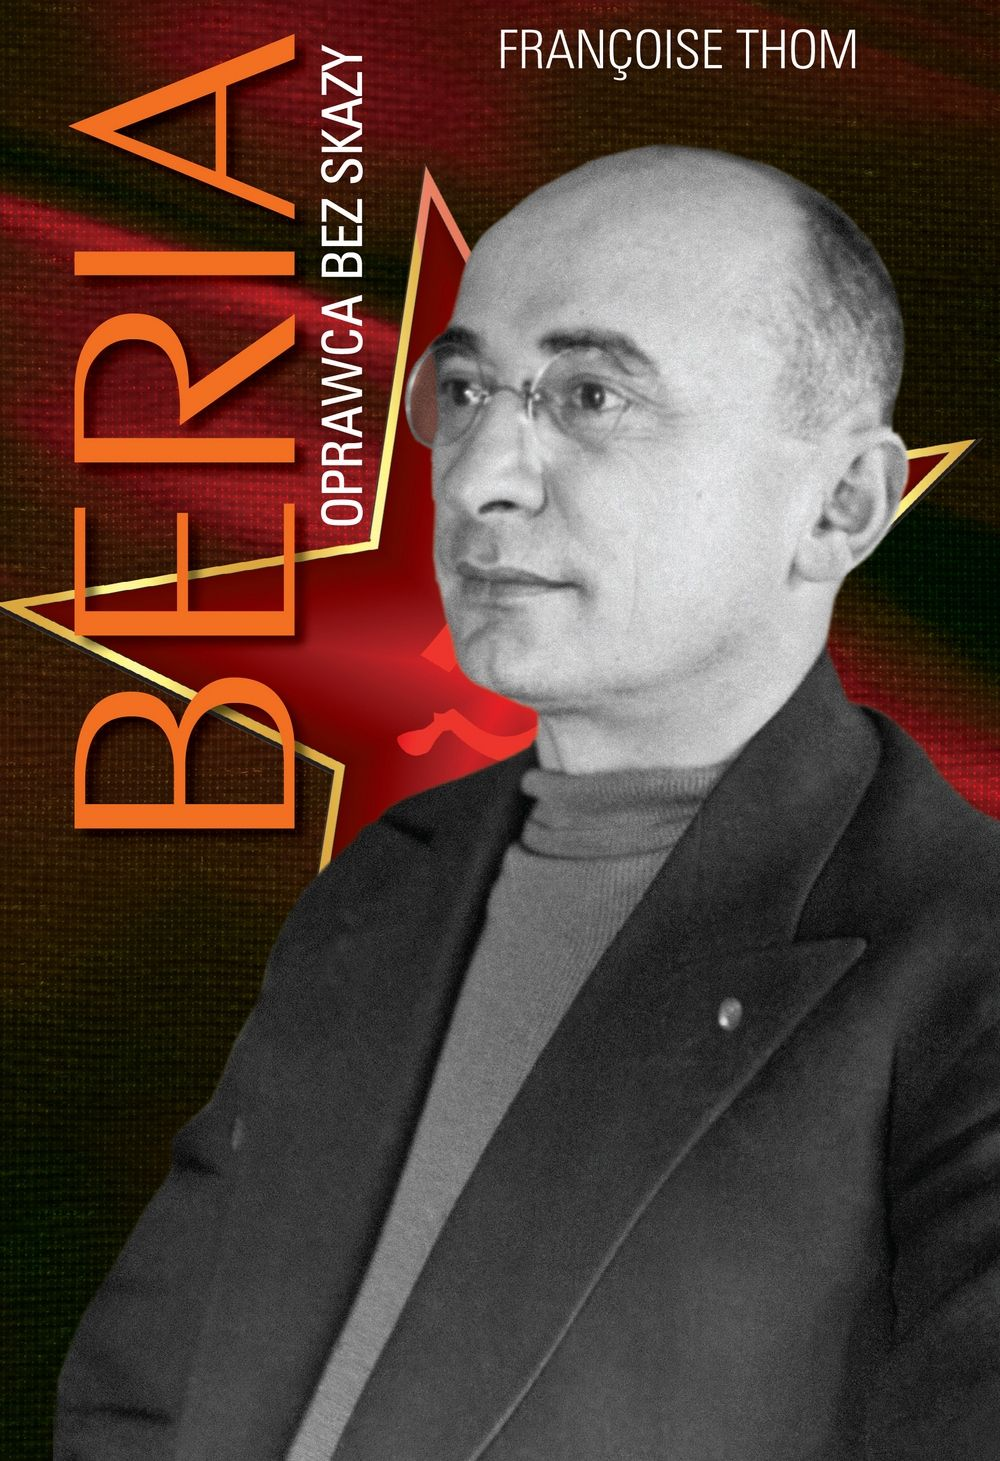 """Artykuł powstał między innymi w oparciu o książkę Francoise'a Thoma pod tytułem """"Beria. Oprawca bez skazy"""" (Prószyński i S-ka 2016)."""